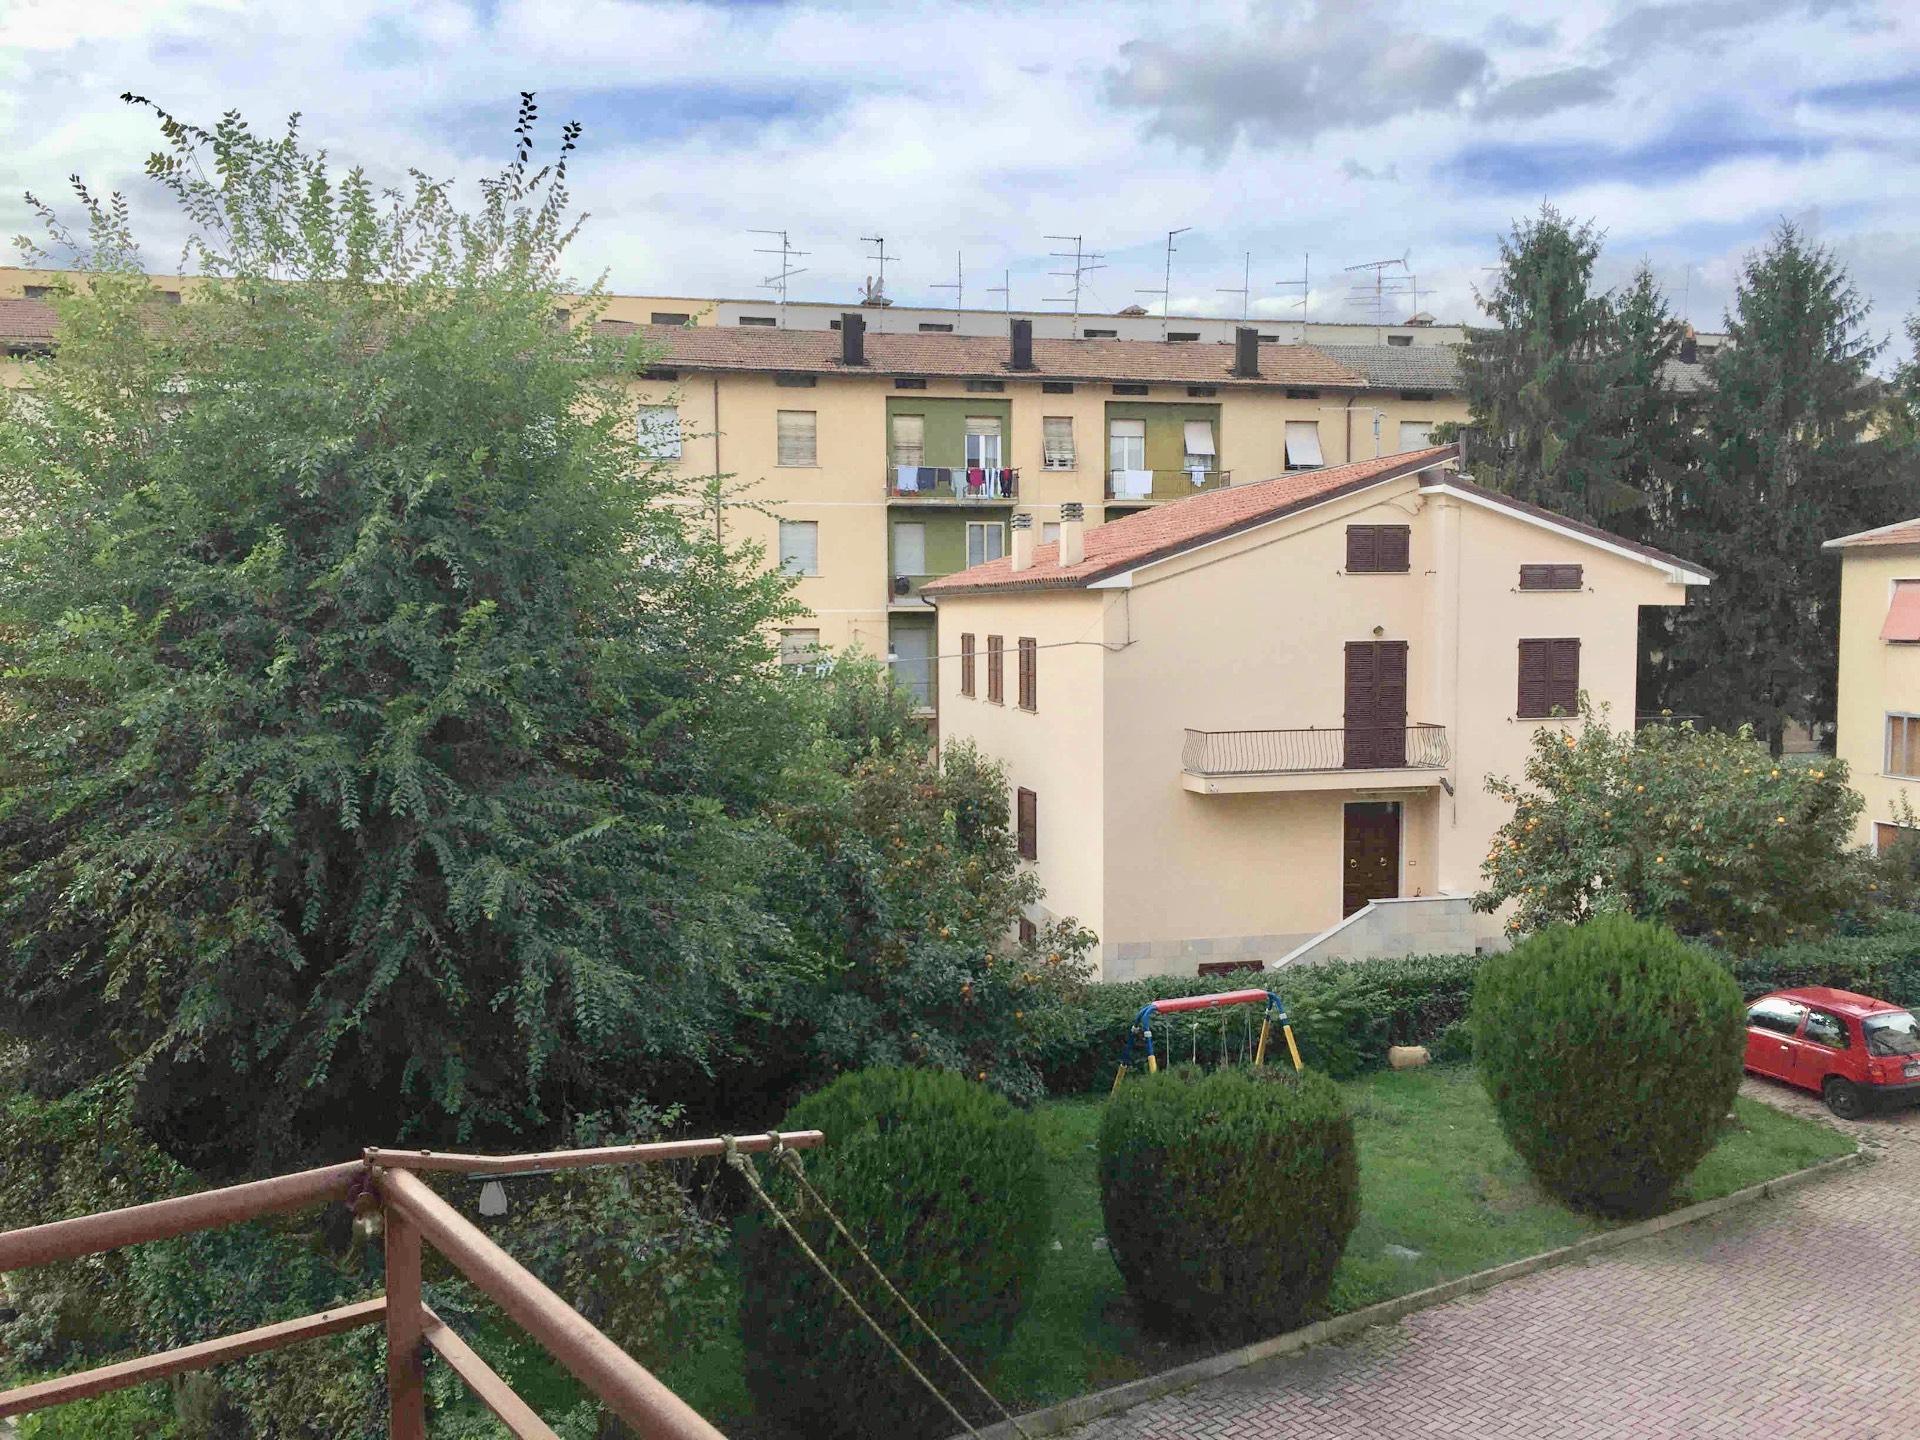 Appartamento in vendita a Fabriano, 6 locali, zona Località: SEMIPERIFERIA, prezzo € 80.000 | CambioCasa.it